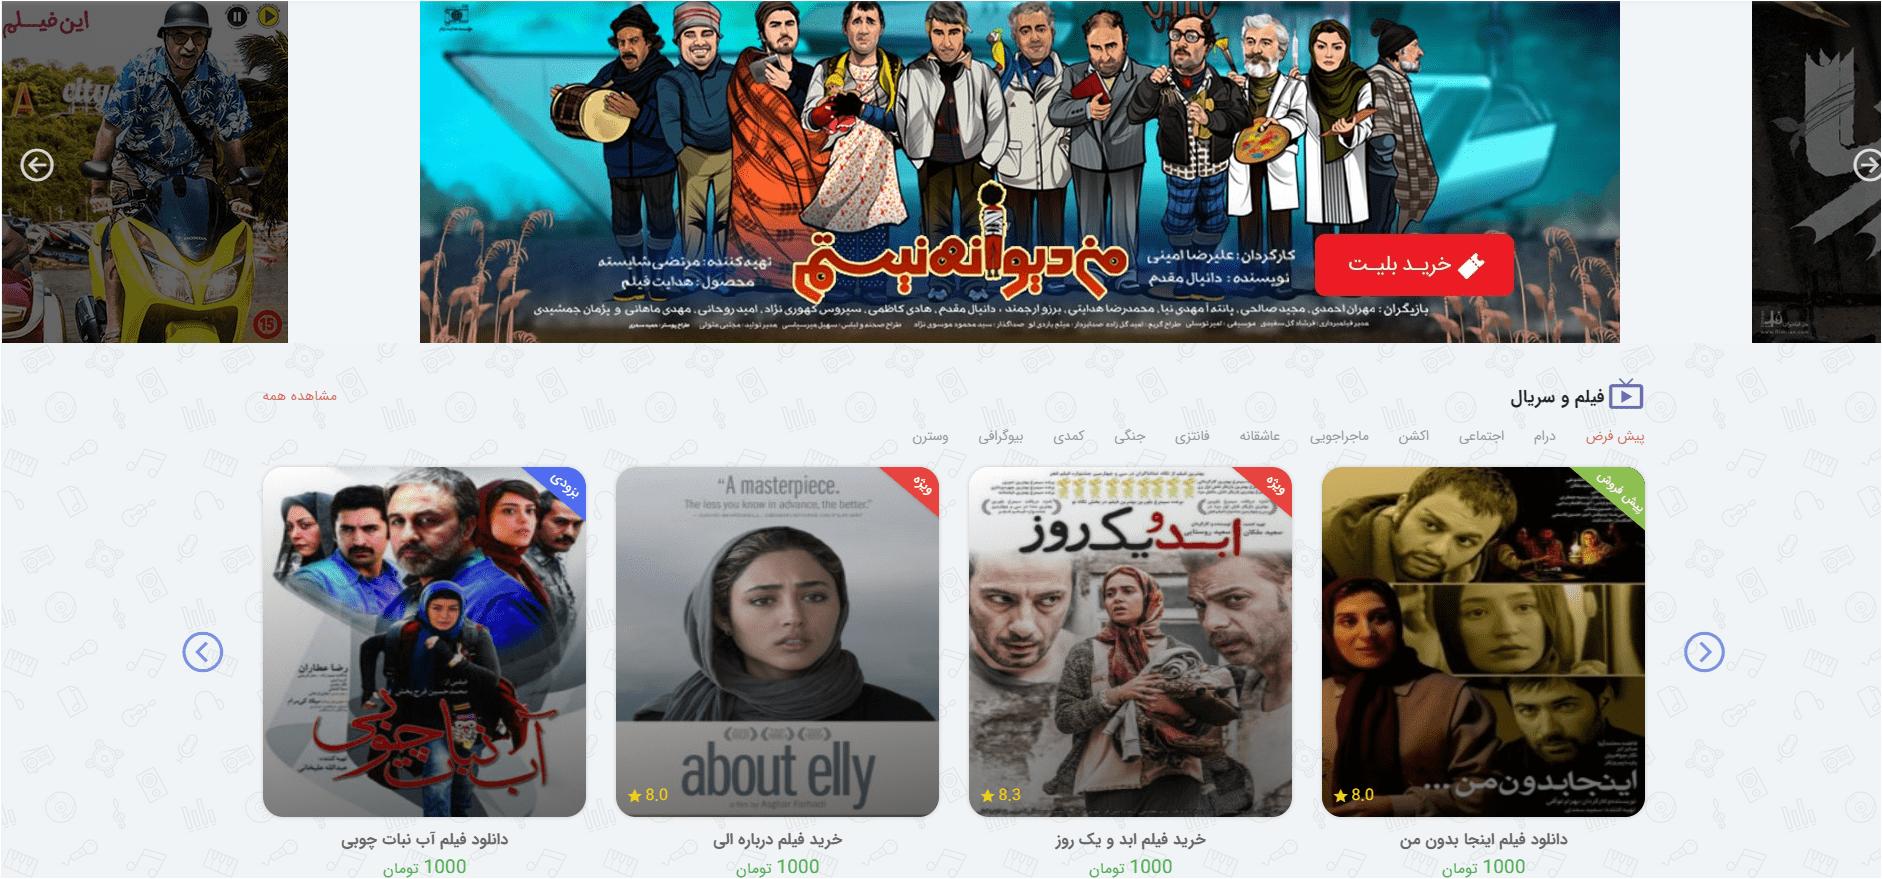 بهترین قالب فیلم و سریال ایران مدیا